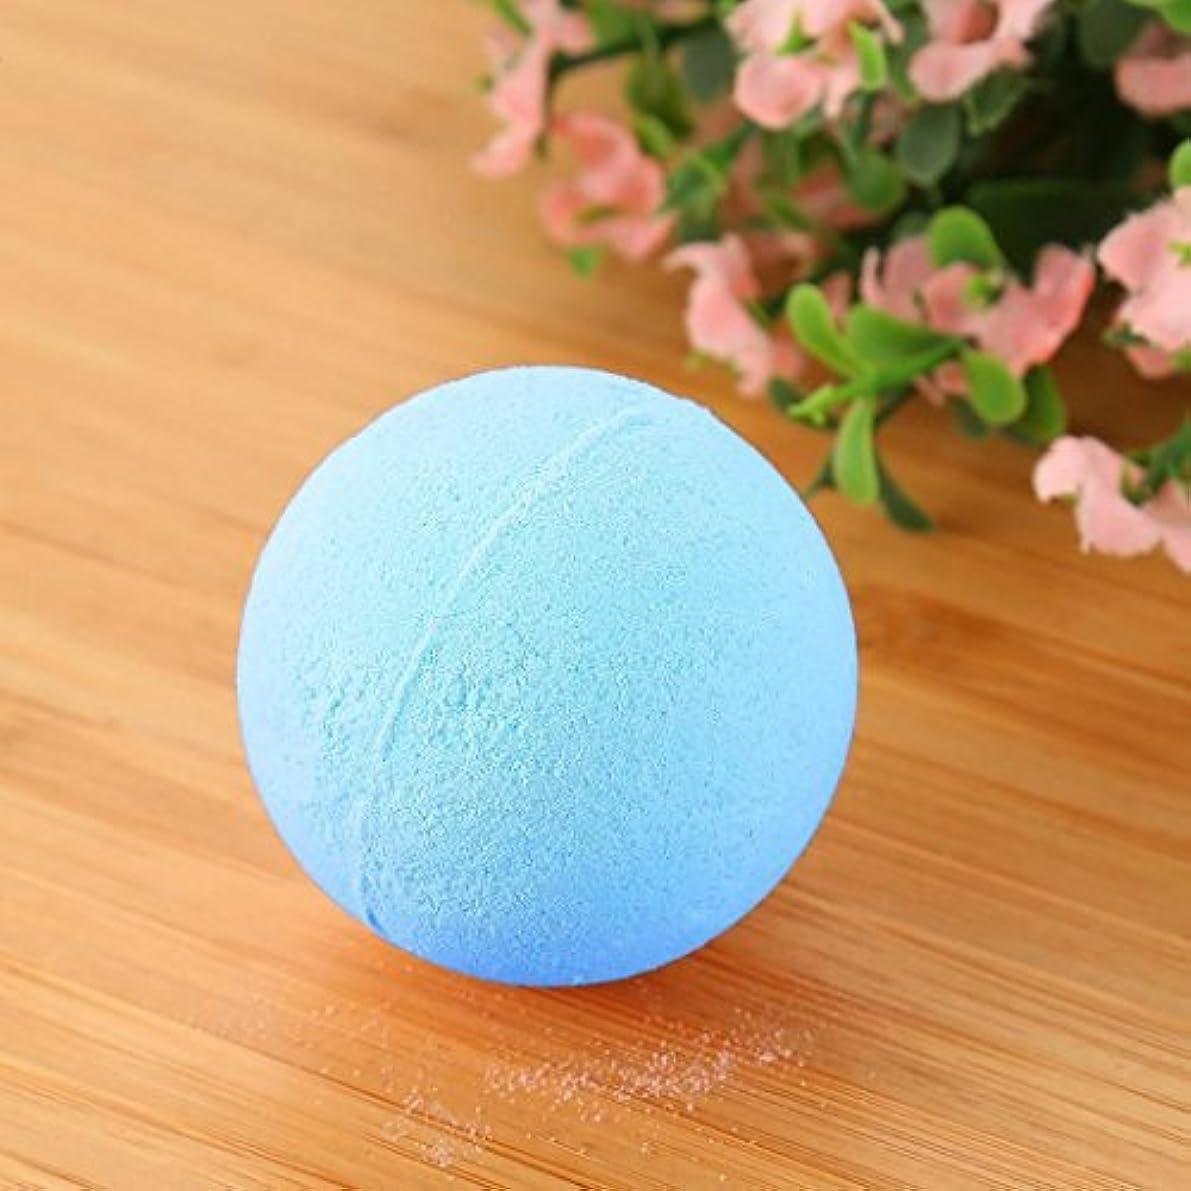 一次オピエート逸脱女性のための塩ソルトボールプレゼントリラックス泡風呂